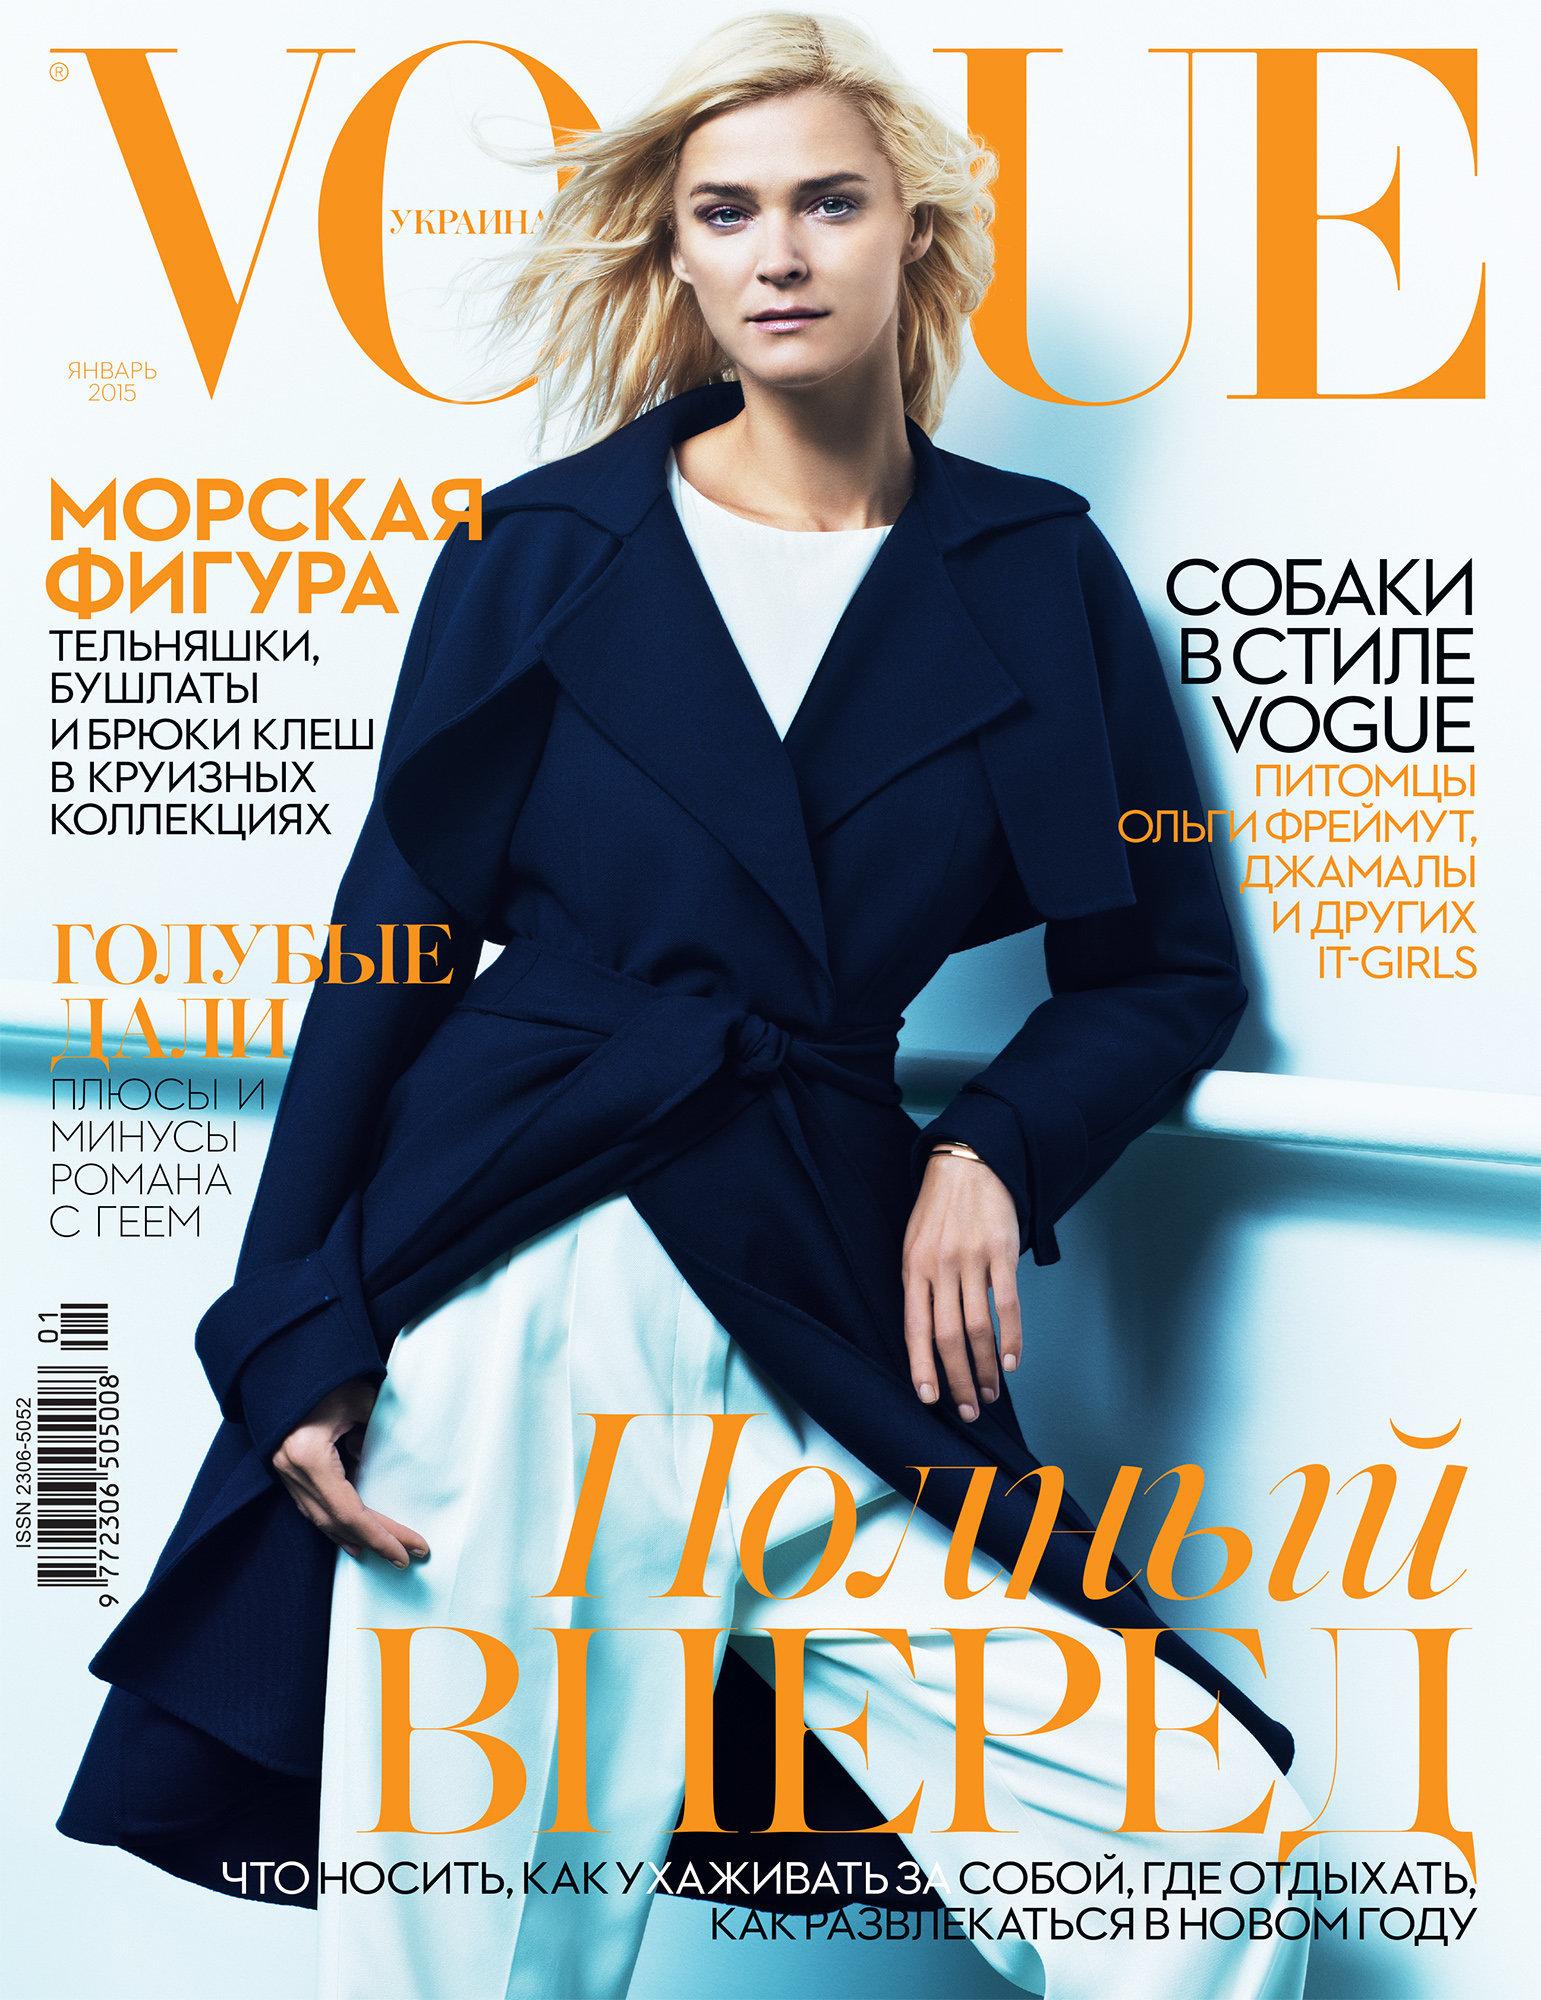 Vogue Ukraine 2015/01